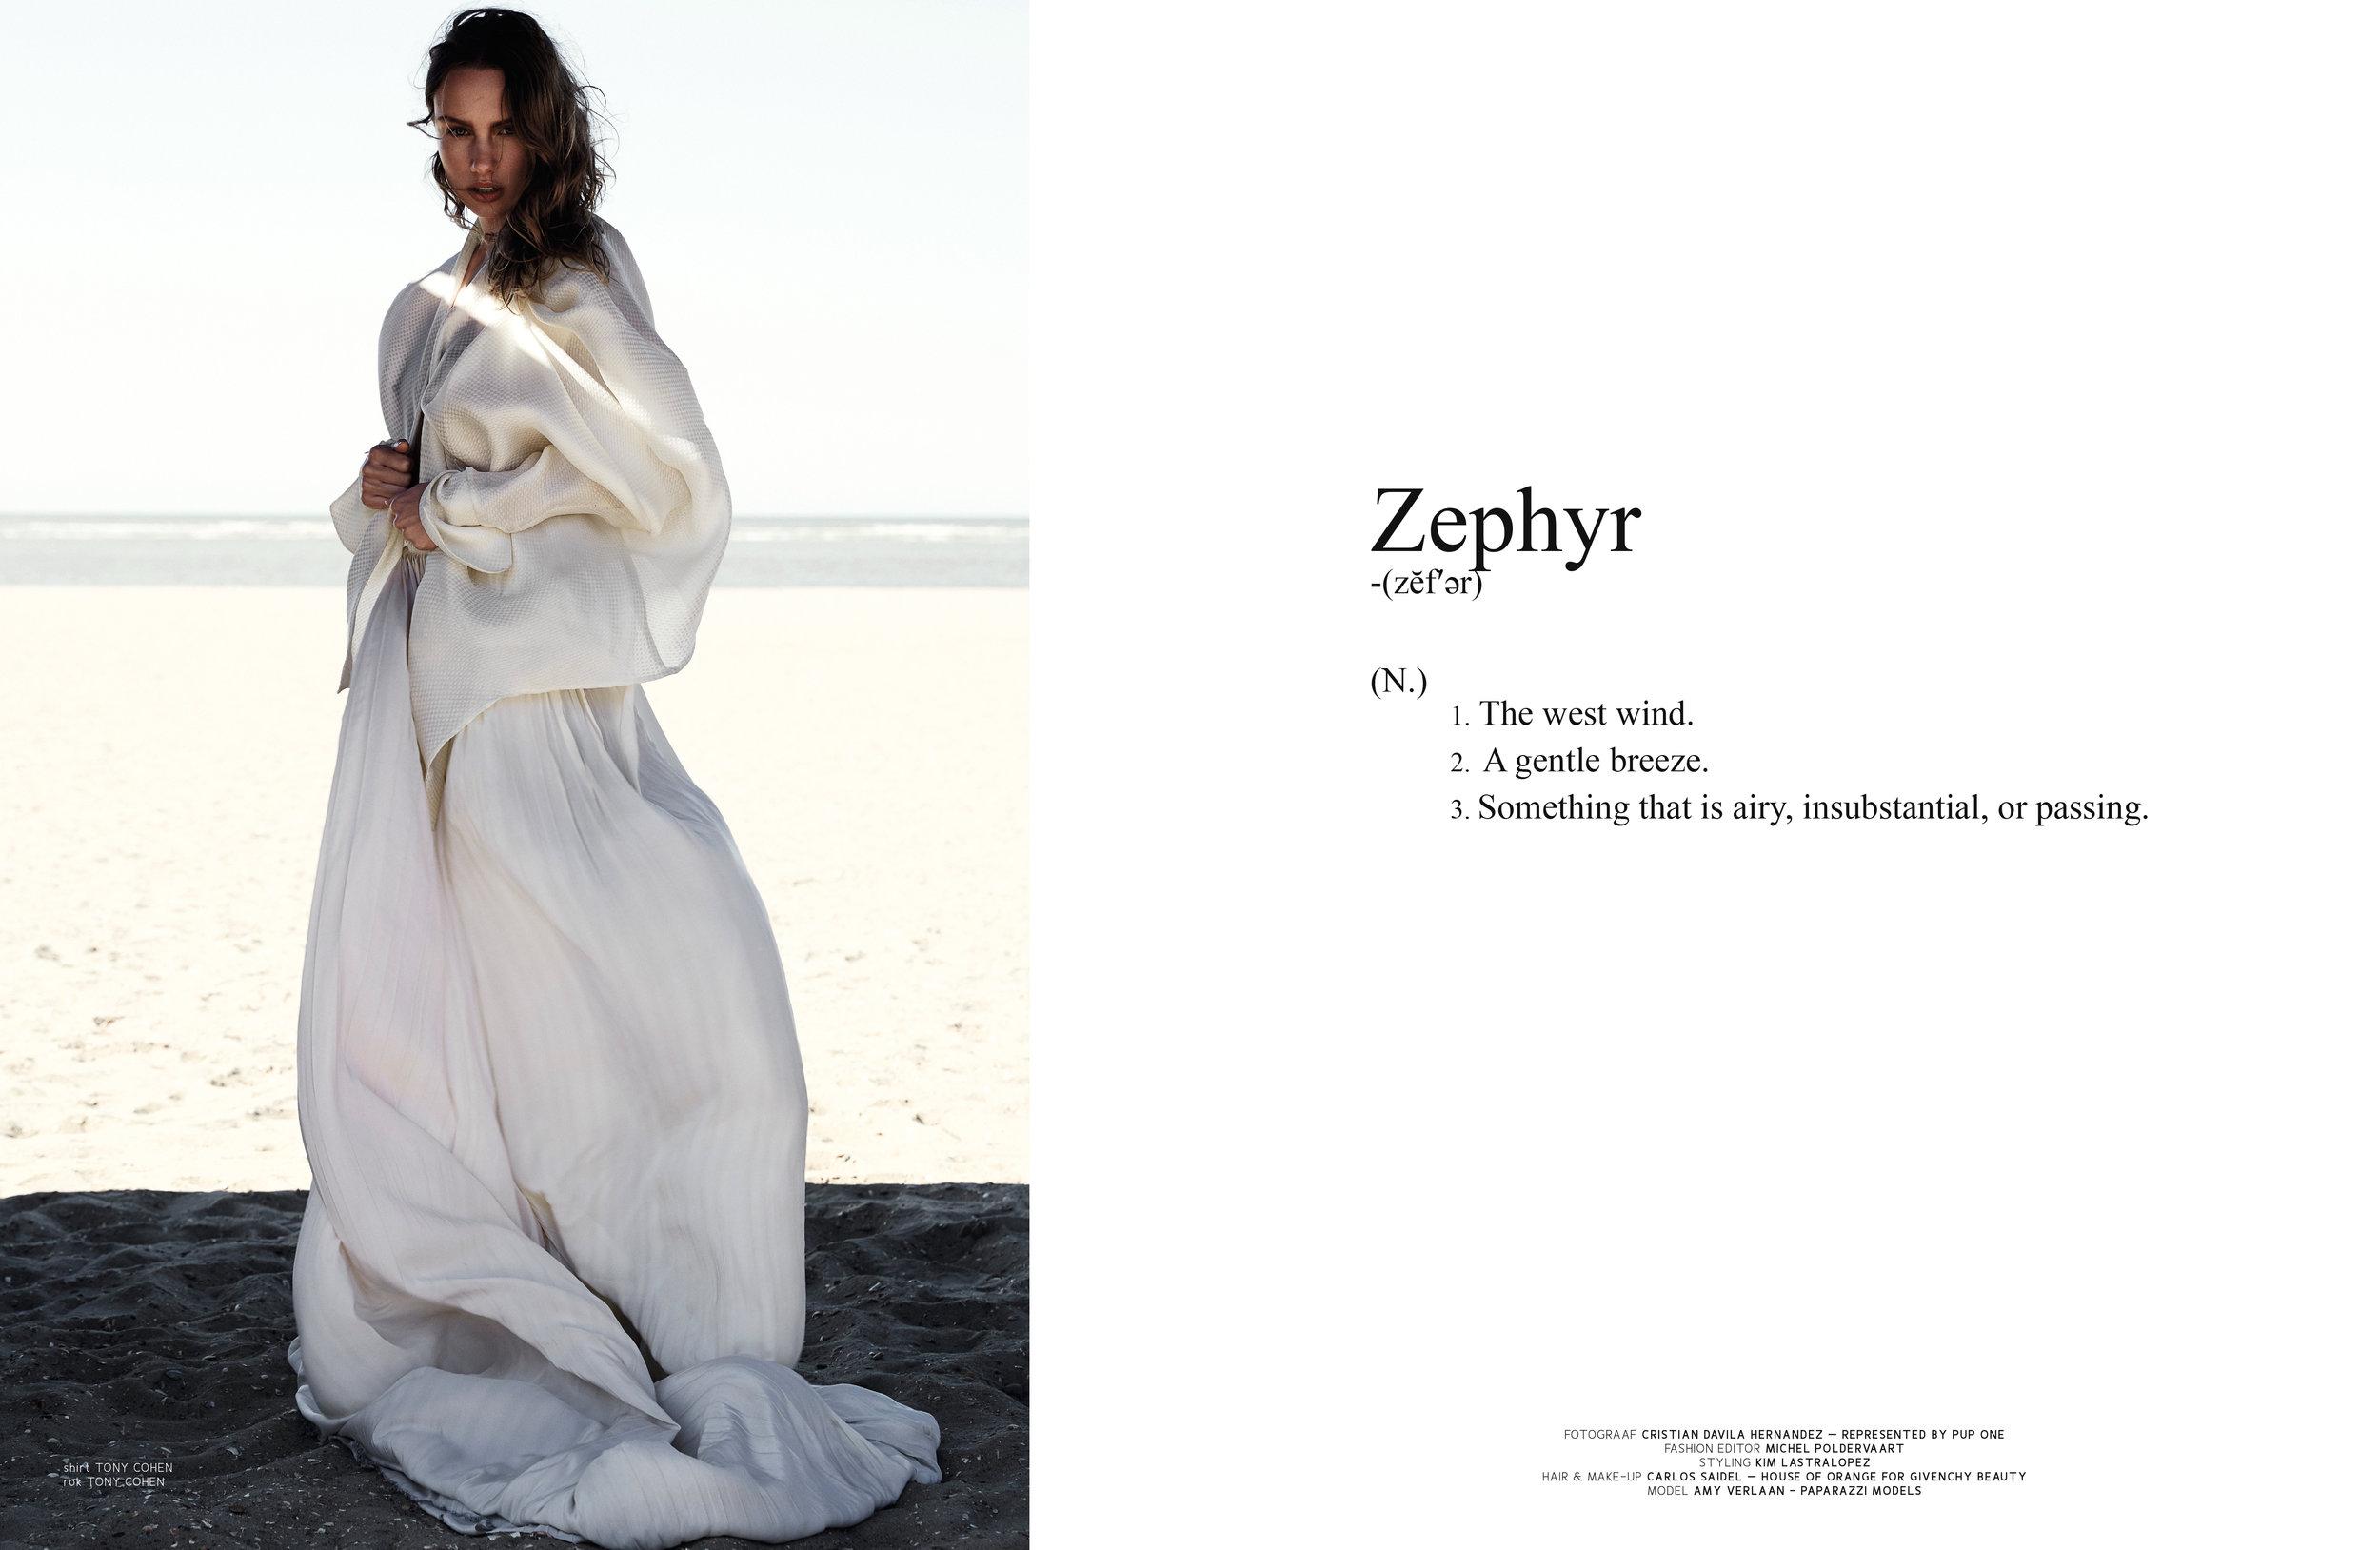 ZEPHYR FOR LAF MAGAZINE